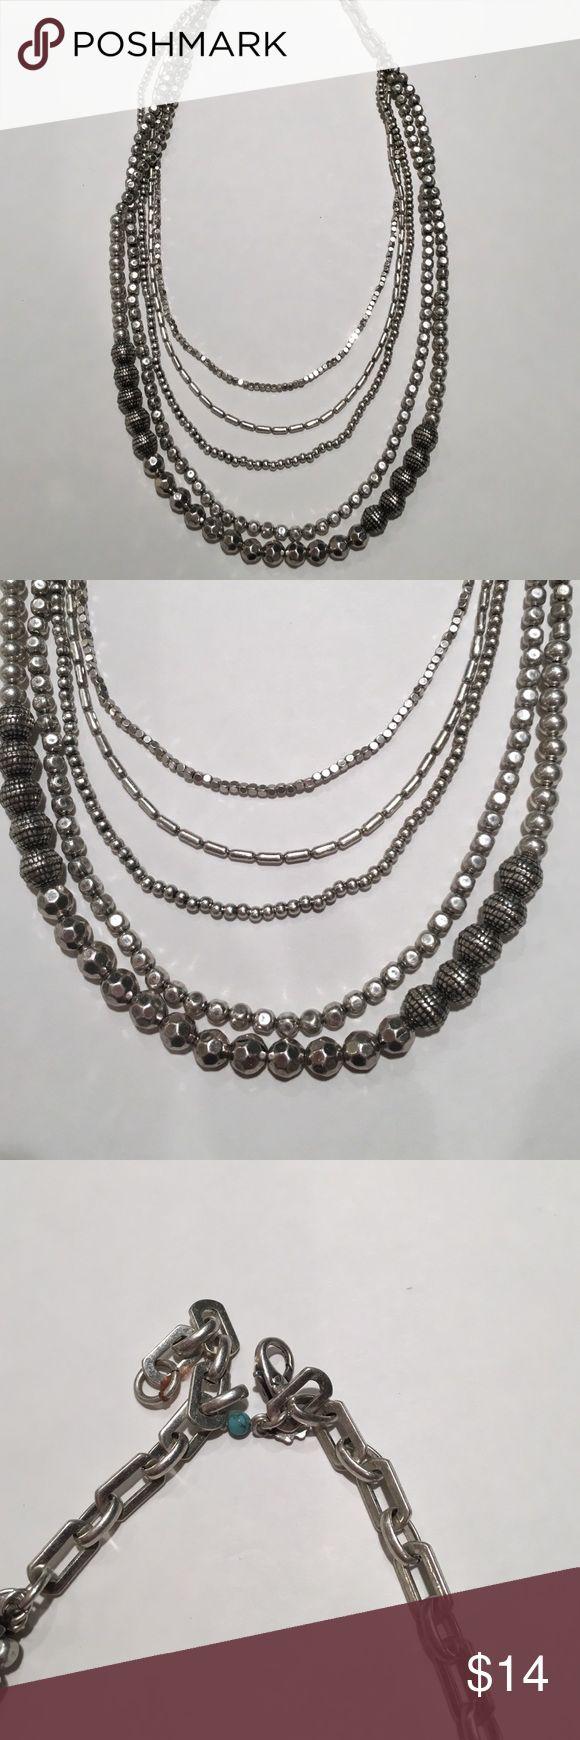 Lucky Brand necklace! Lucky Brand multi-strand necklace. Lucky Brand Jewelry Necklaces